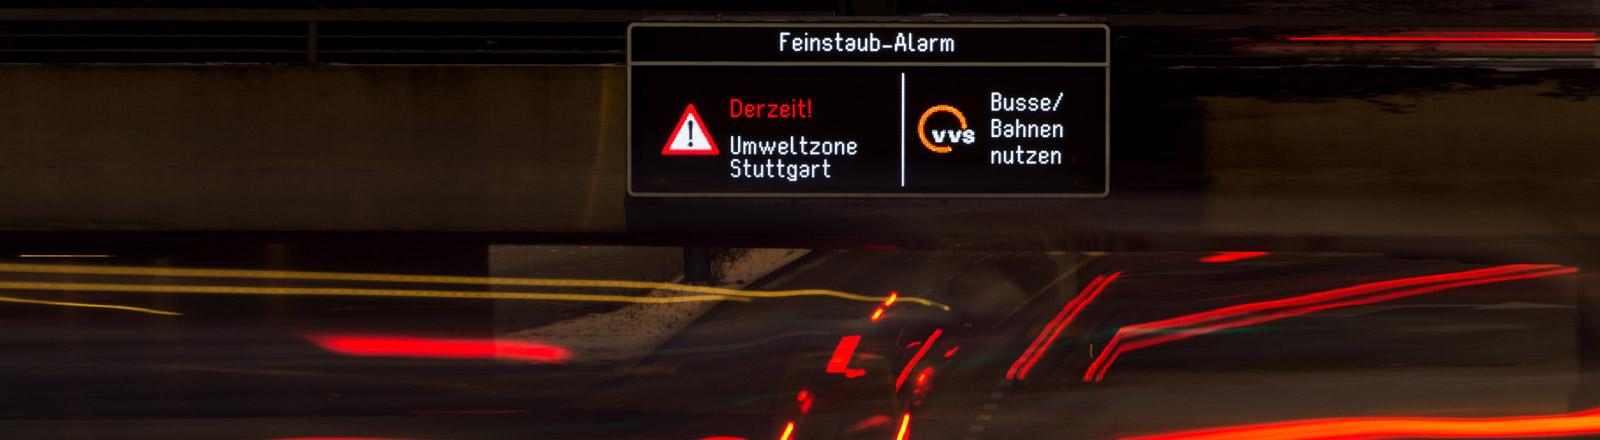 Warnhinweis in Stuttgart über erhöhte Feinstaub-Konzentration